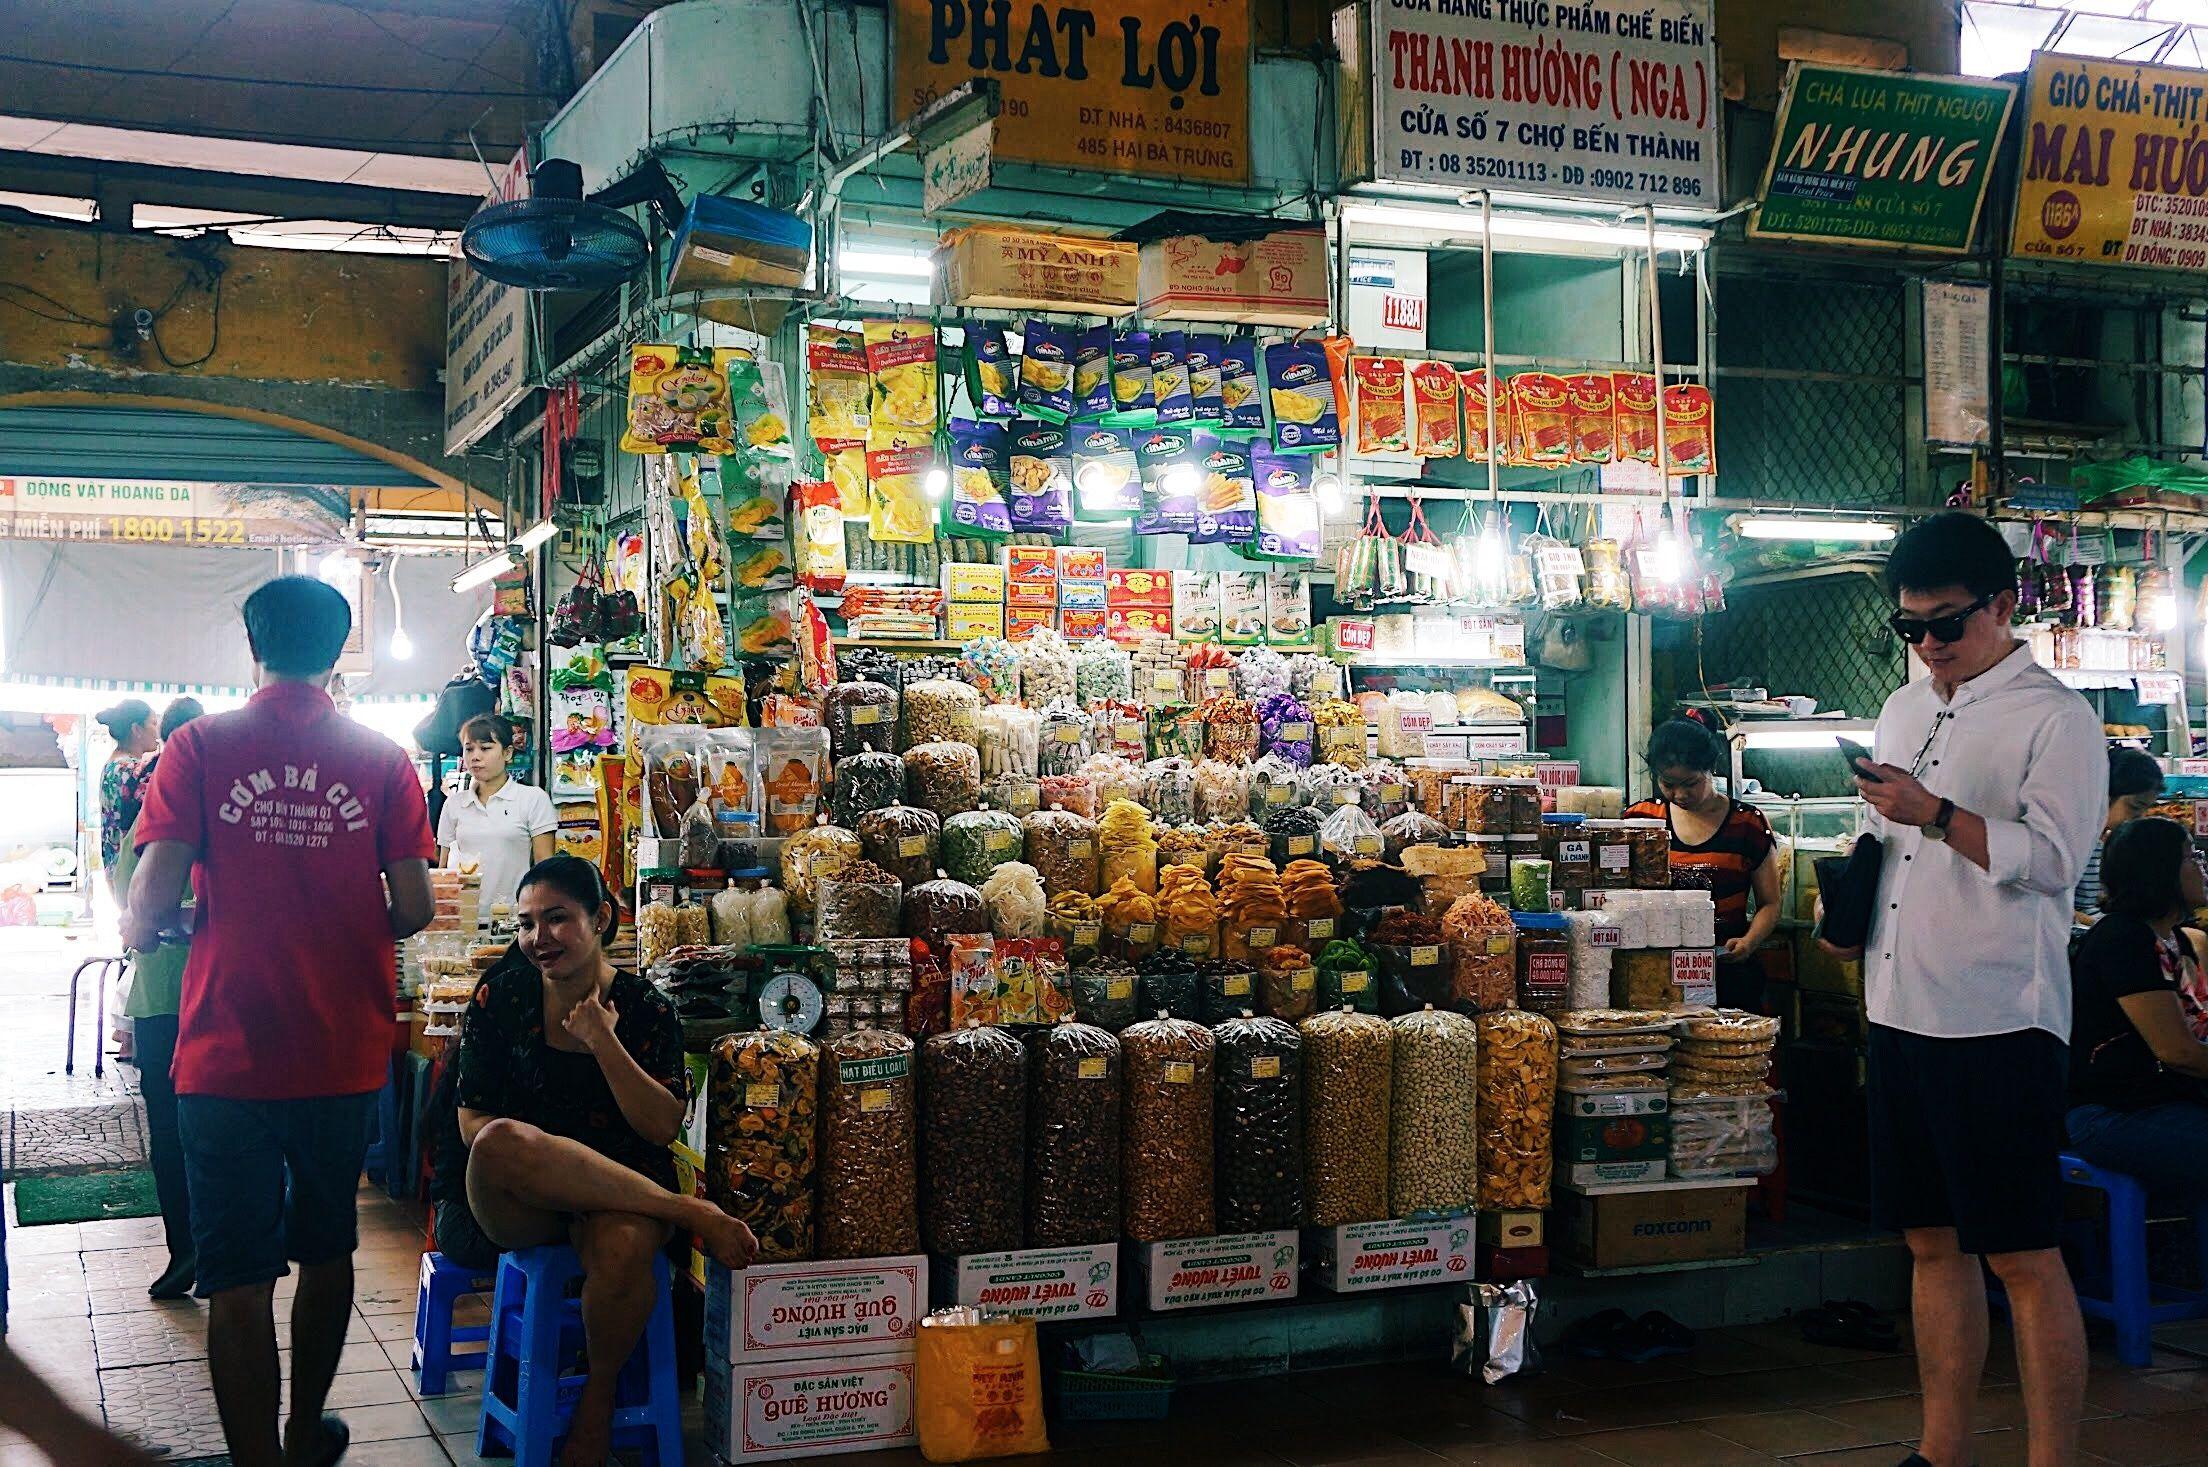 Gian hàng ẩm thực chợ Bến Thành